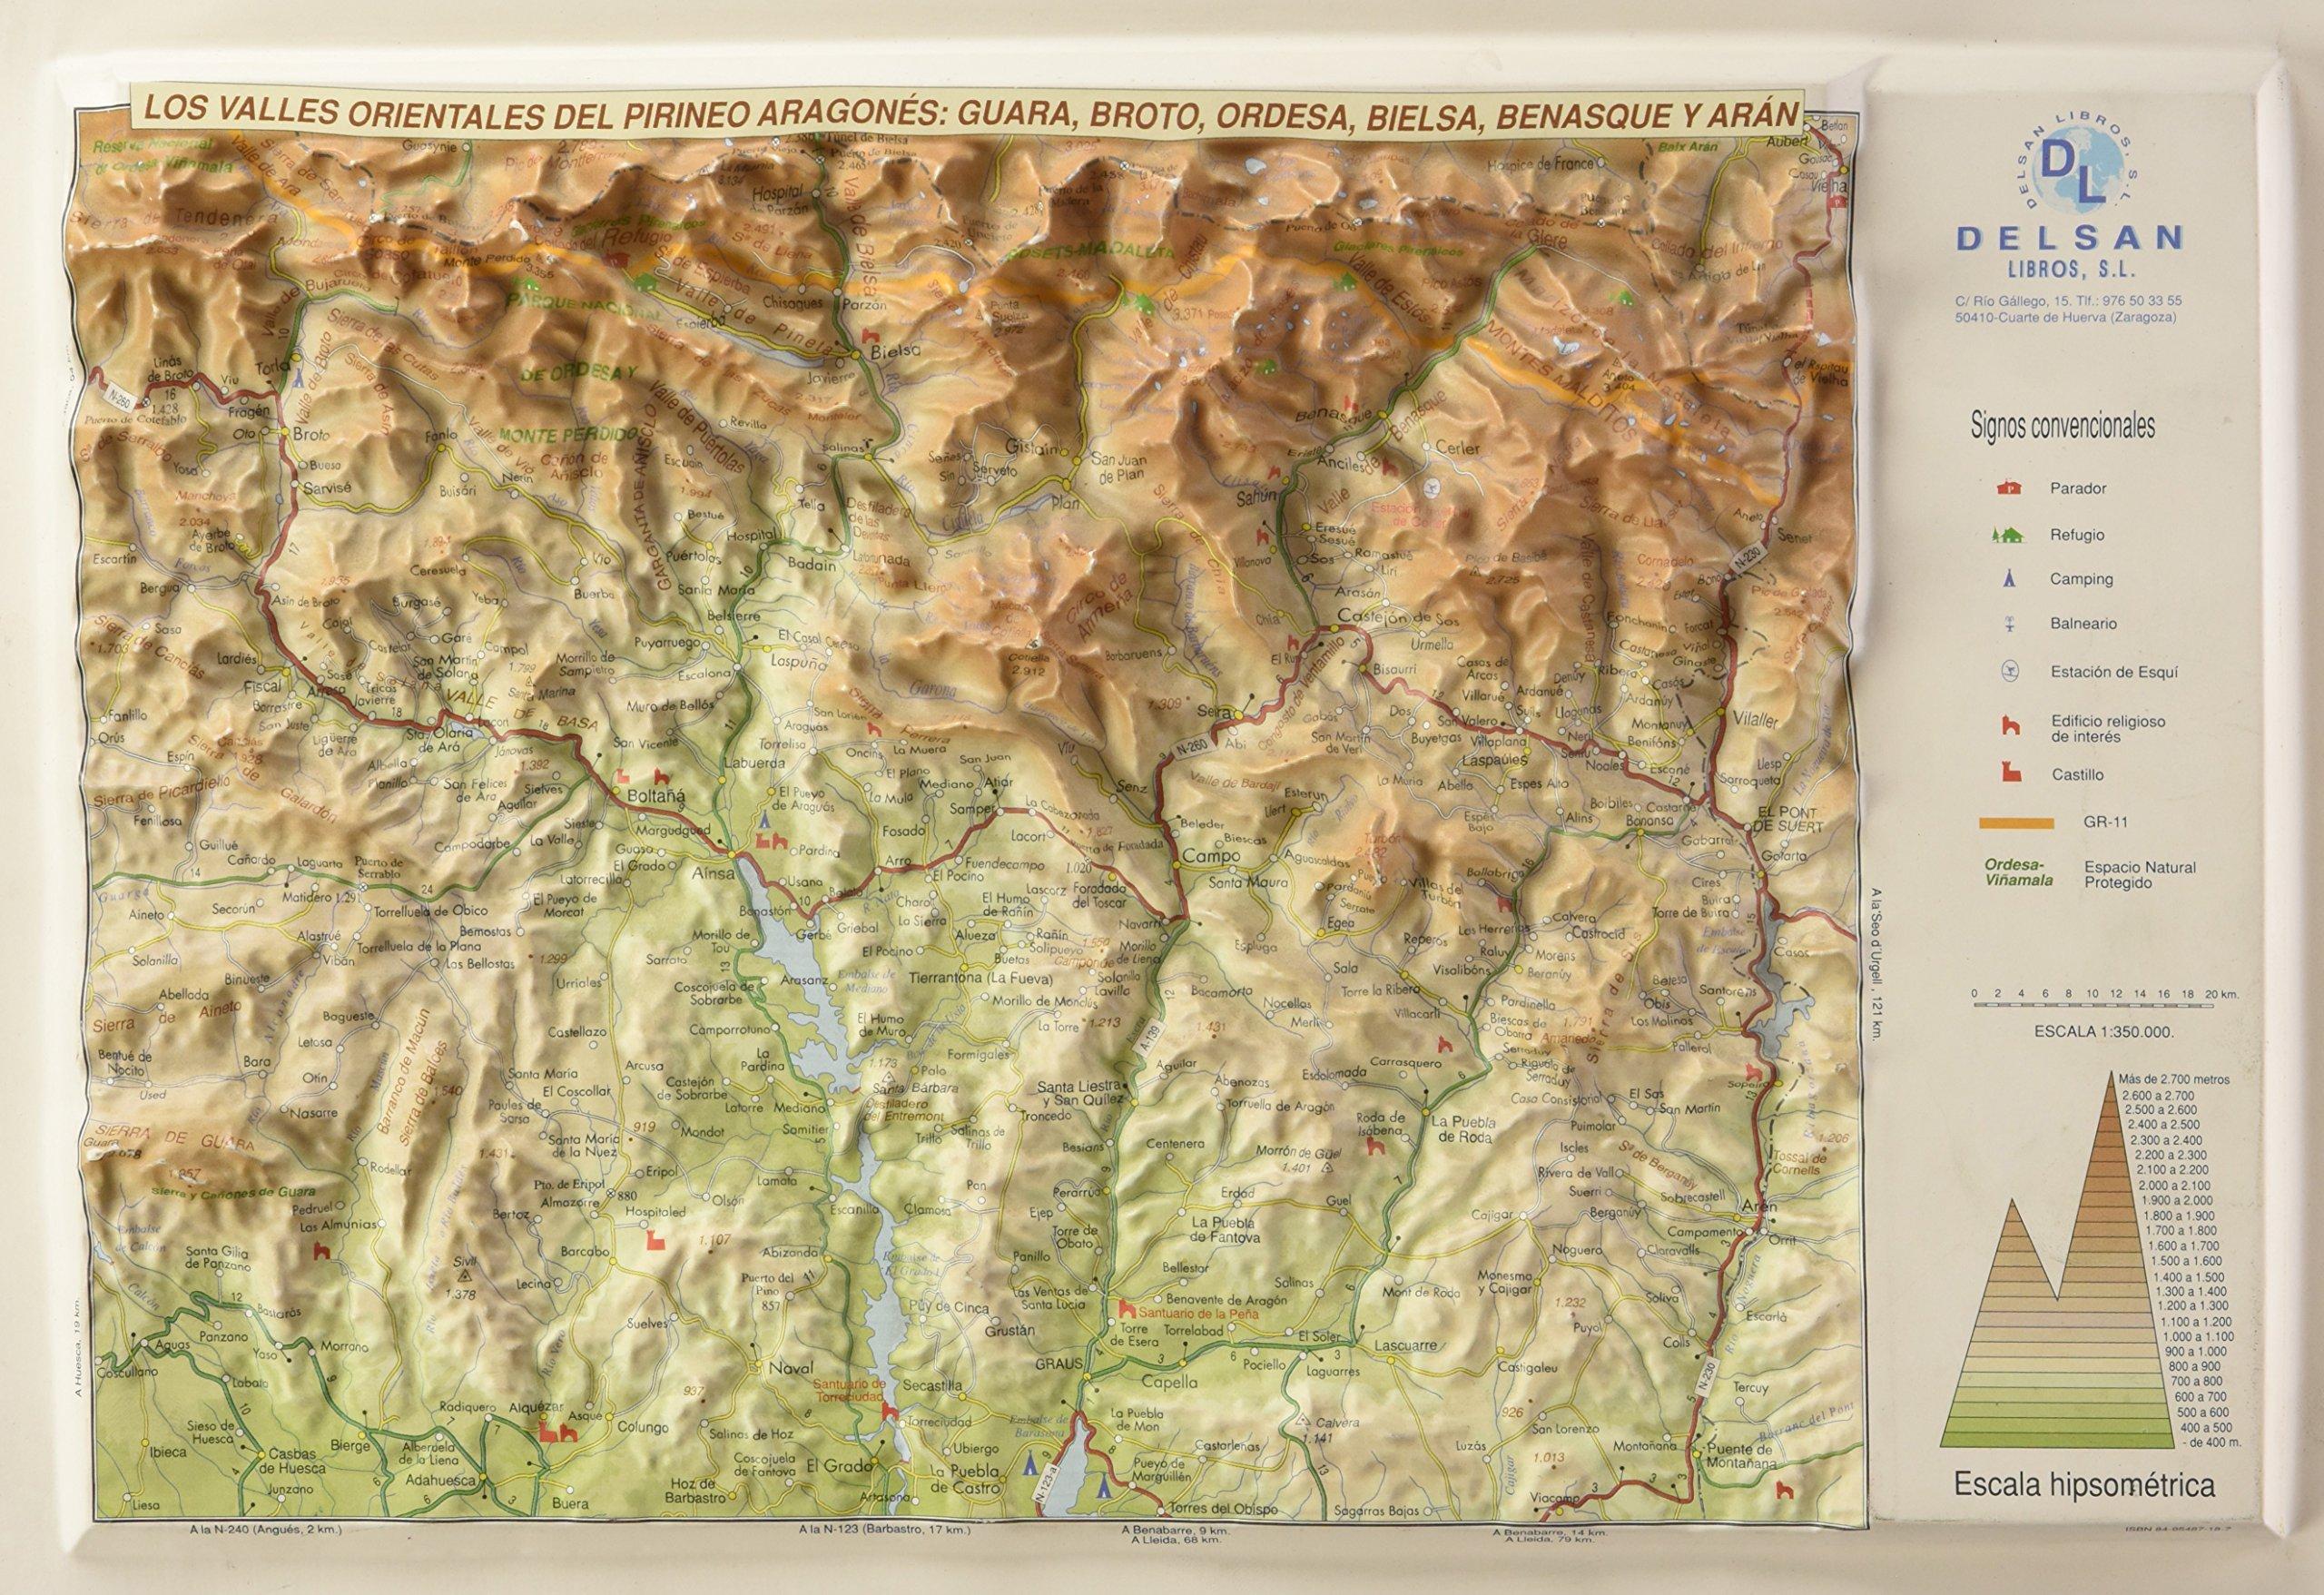 en Relieve Mapa Valles Orientales Del Pirineo Aragones, Los Mapas En Relieve: Amazon.es: Aa.Vv.: Libros